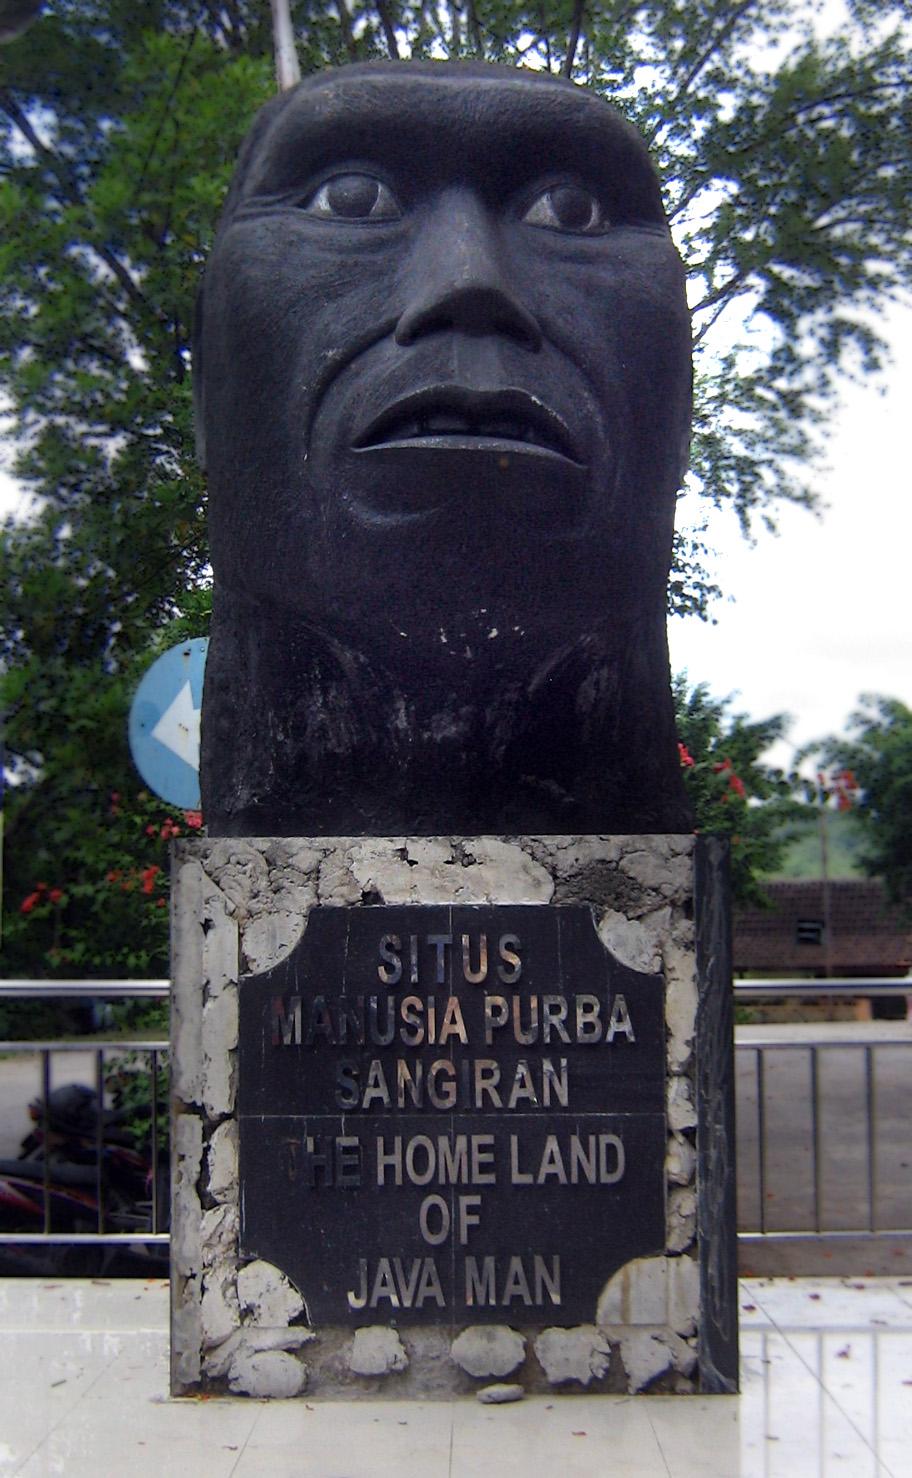 Kunjungi Situs Manusia Purba Sangiran Jawa Tengah Diakui Click Enlarge